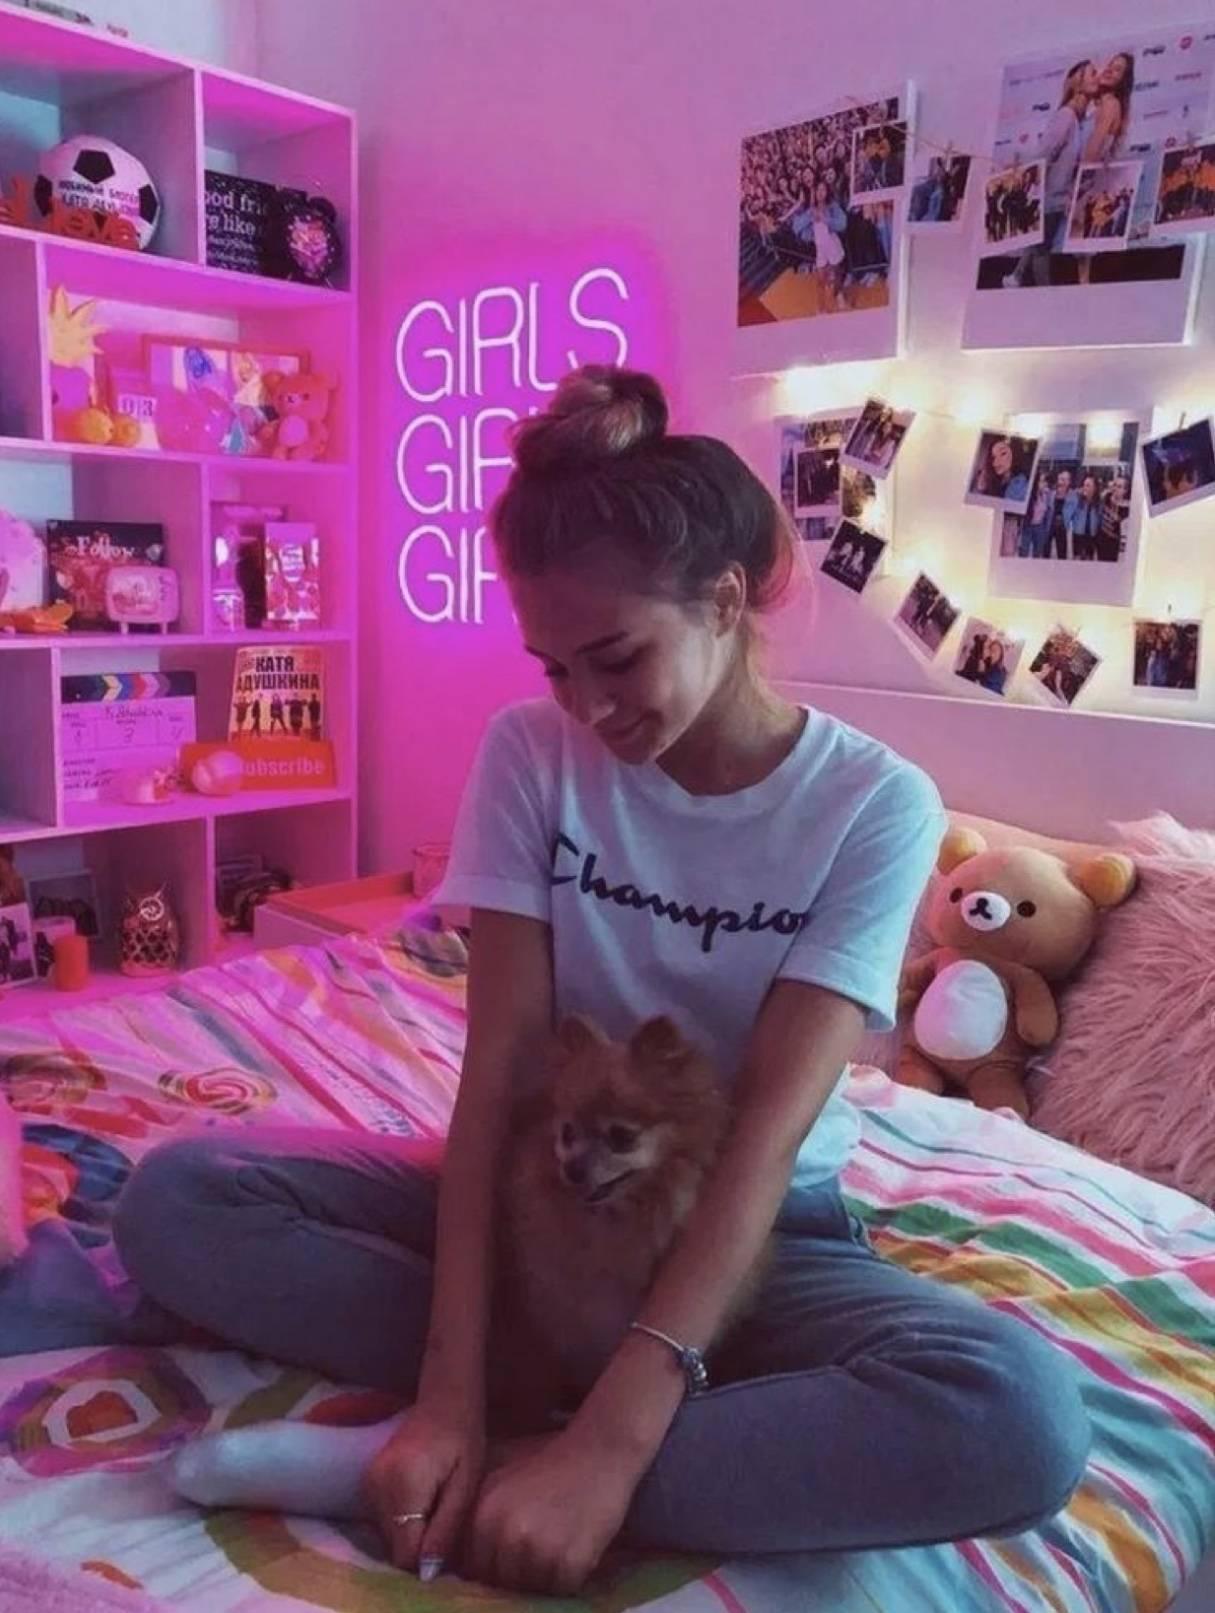 1215x1613 VSCO Phòng ngủ Ý tưởng cho Cô gái VSCO - Giấc mơ màu hồng